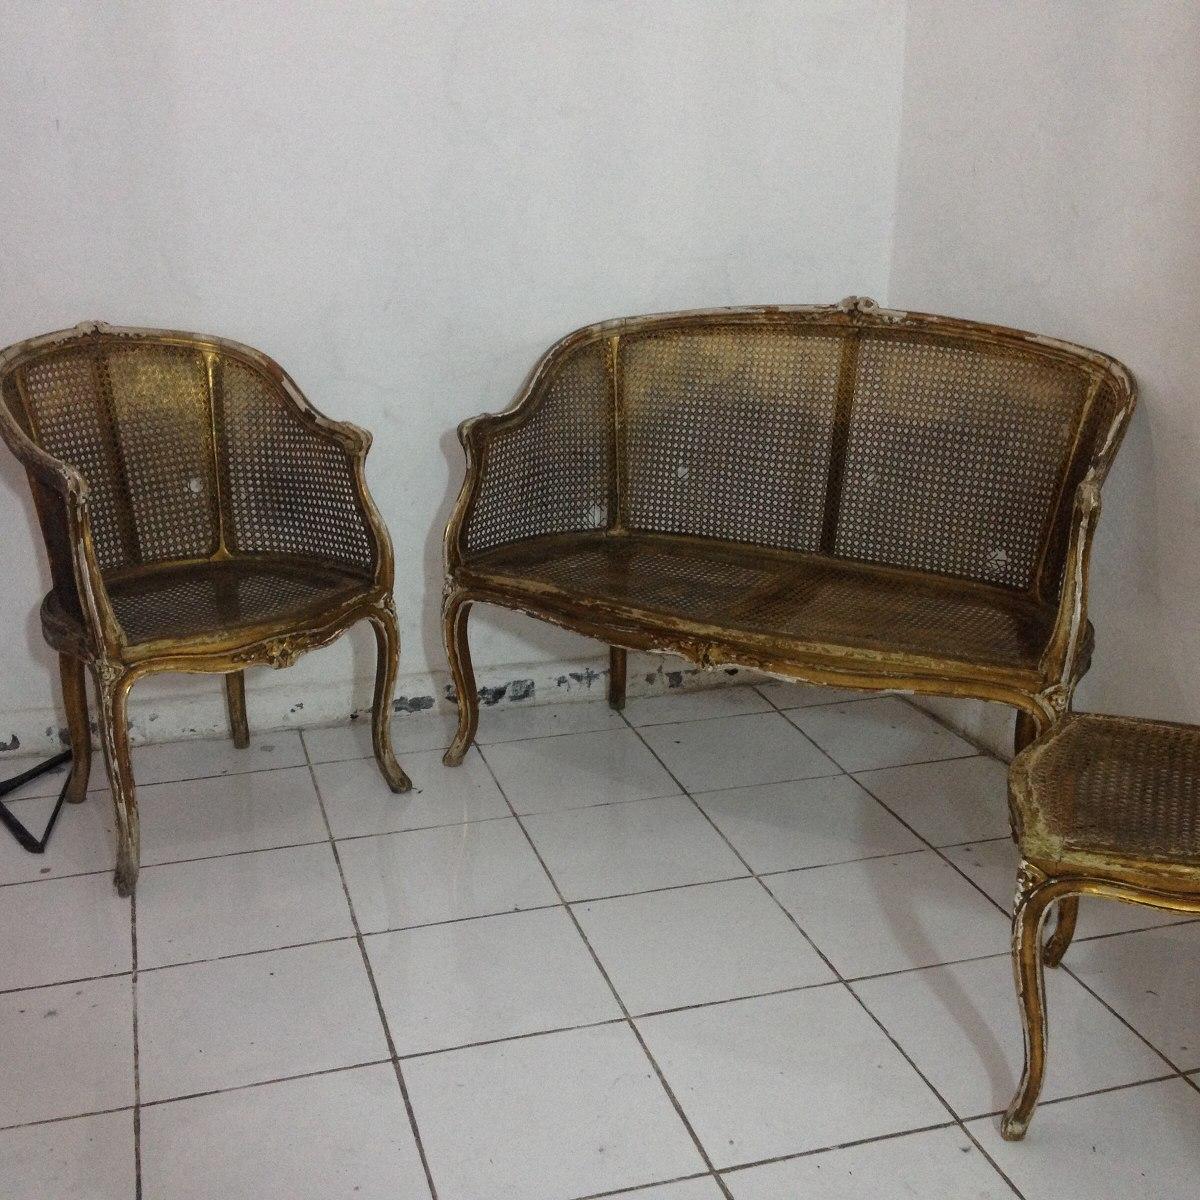 Antiguedades Muebles Antiguos Salas En Mercado Libre M Xico # Muebles Victorianos Baratos